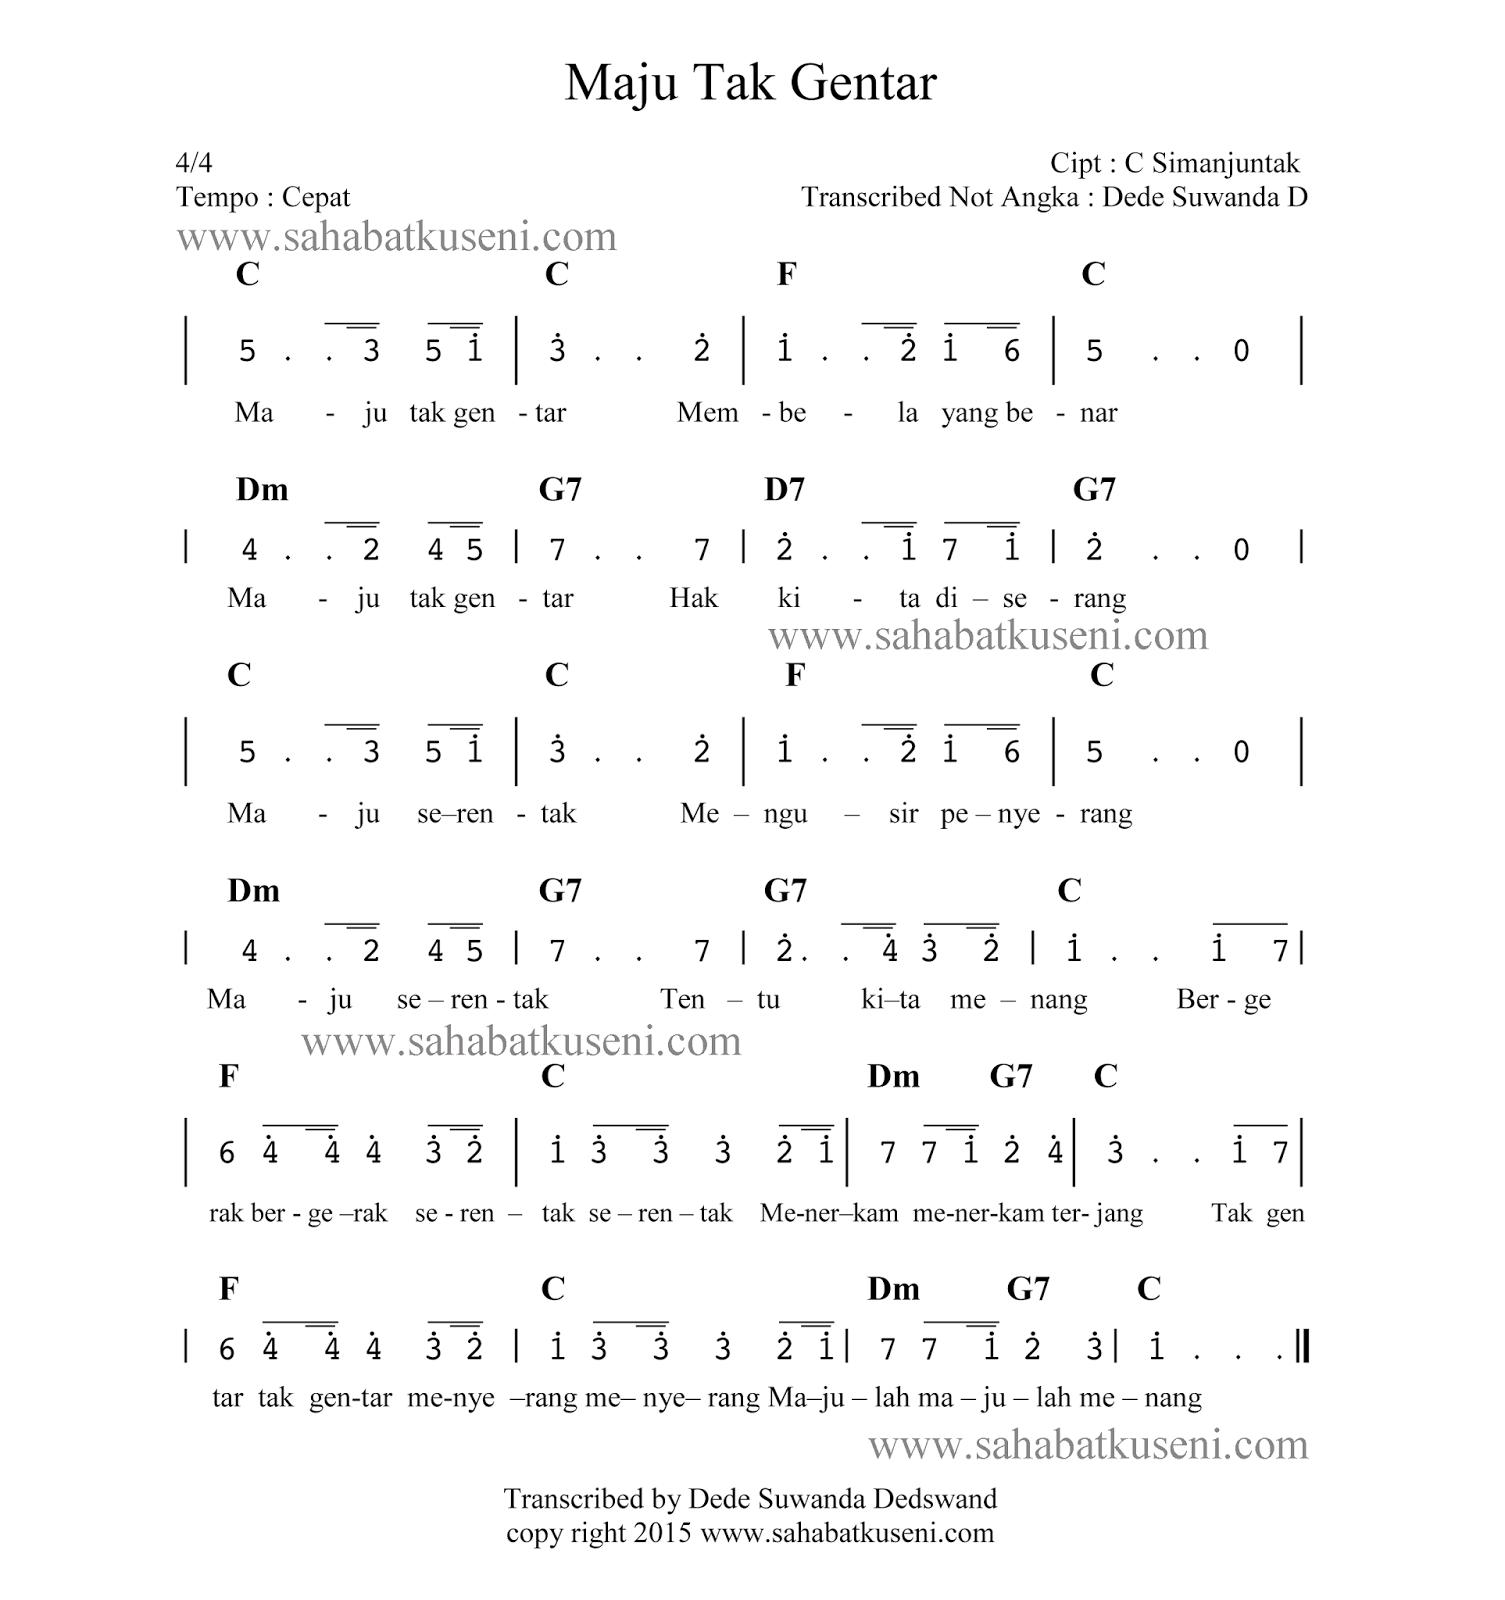 not angka lagu maju tak gentar c simanjuntak